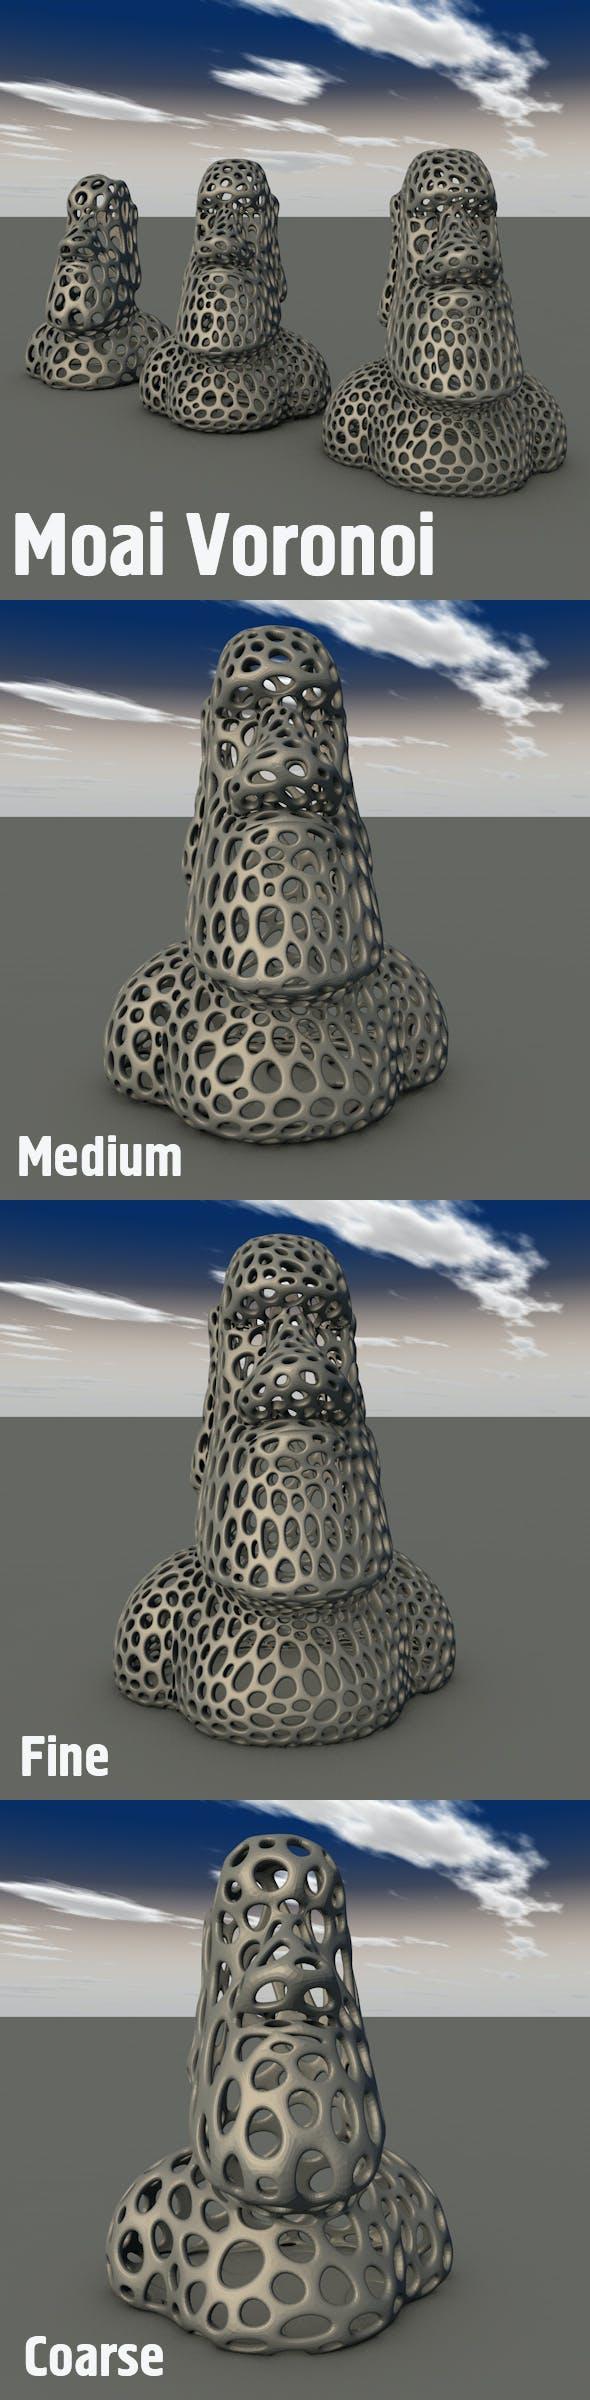 Moai Voronoi - 3DOcean Item for Sale